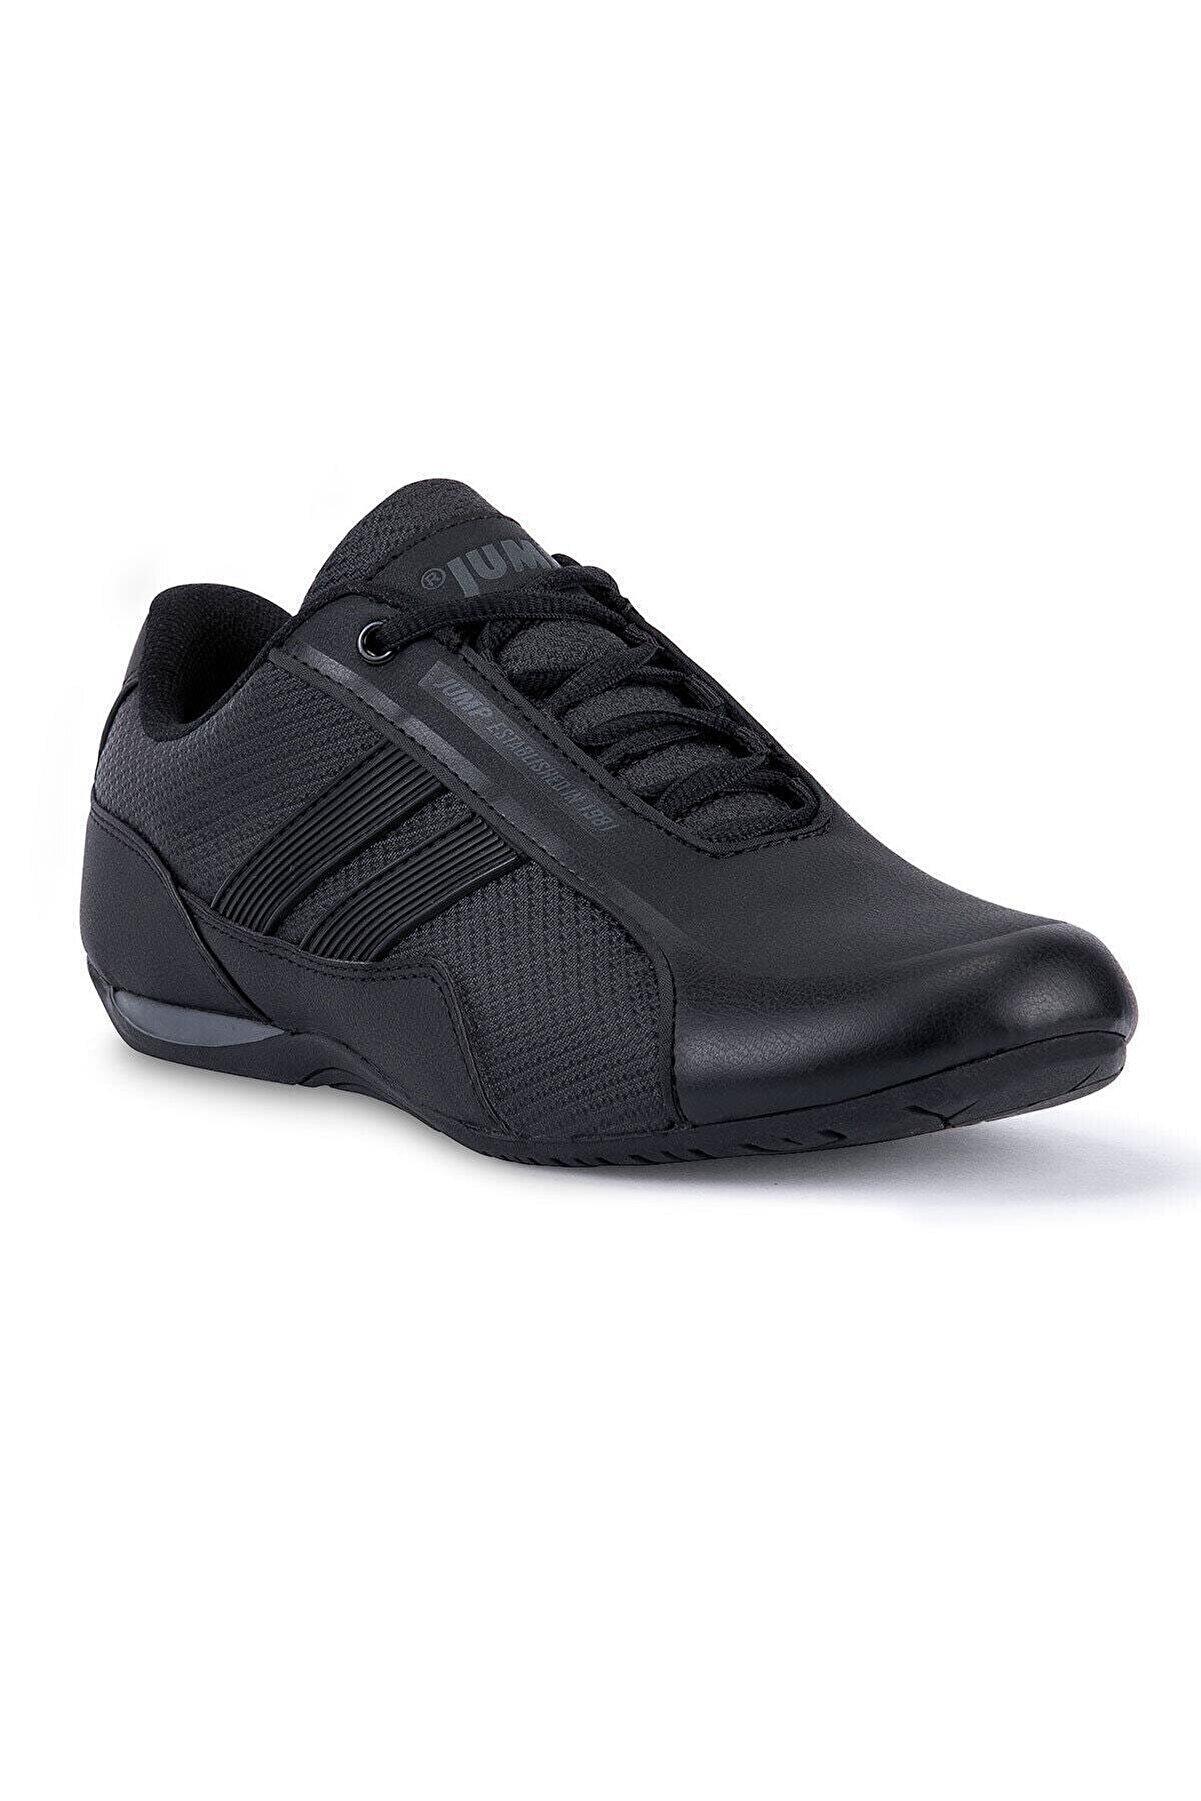 Jump Erkek Ince Tabanlı Spor Ayakkabı (40-45)